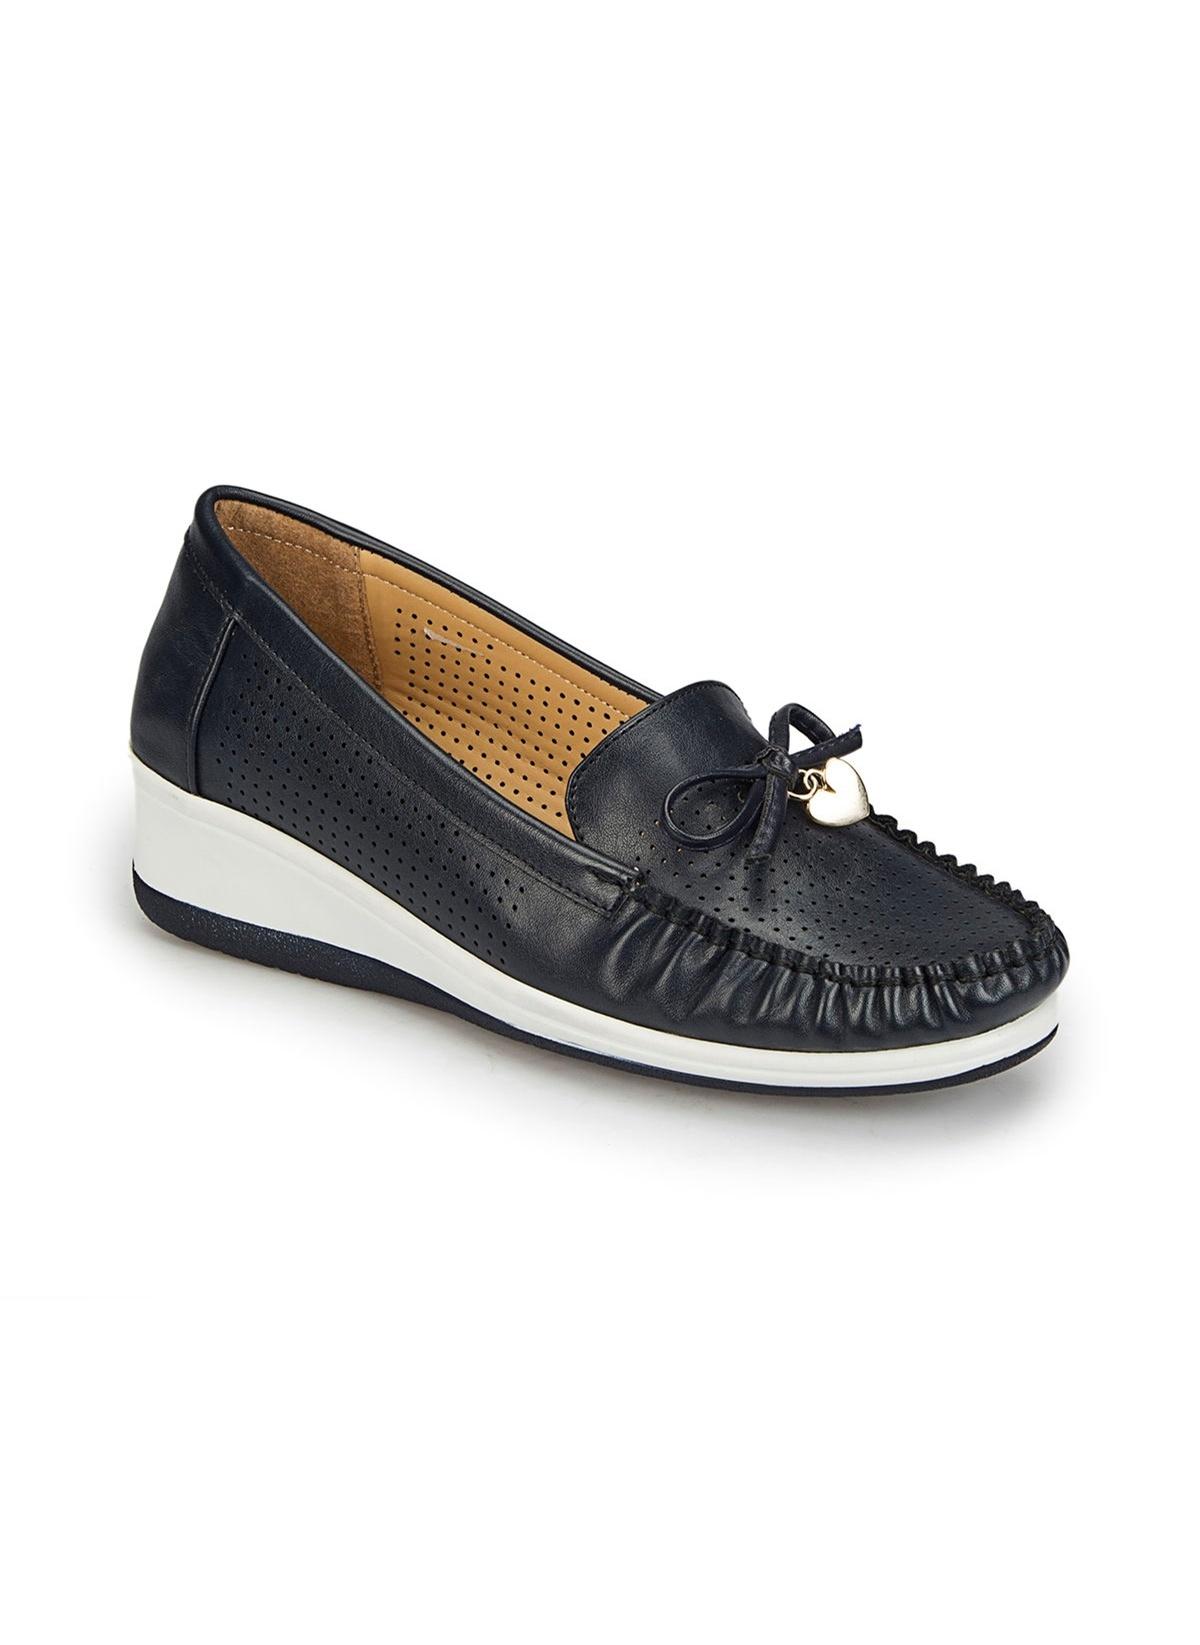 Polaris Ayakkabı 81.158445.z Basic Comfort – 69.99 TL